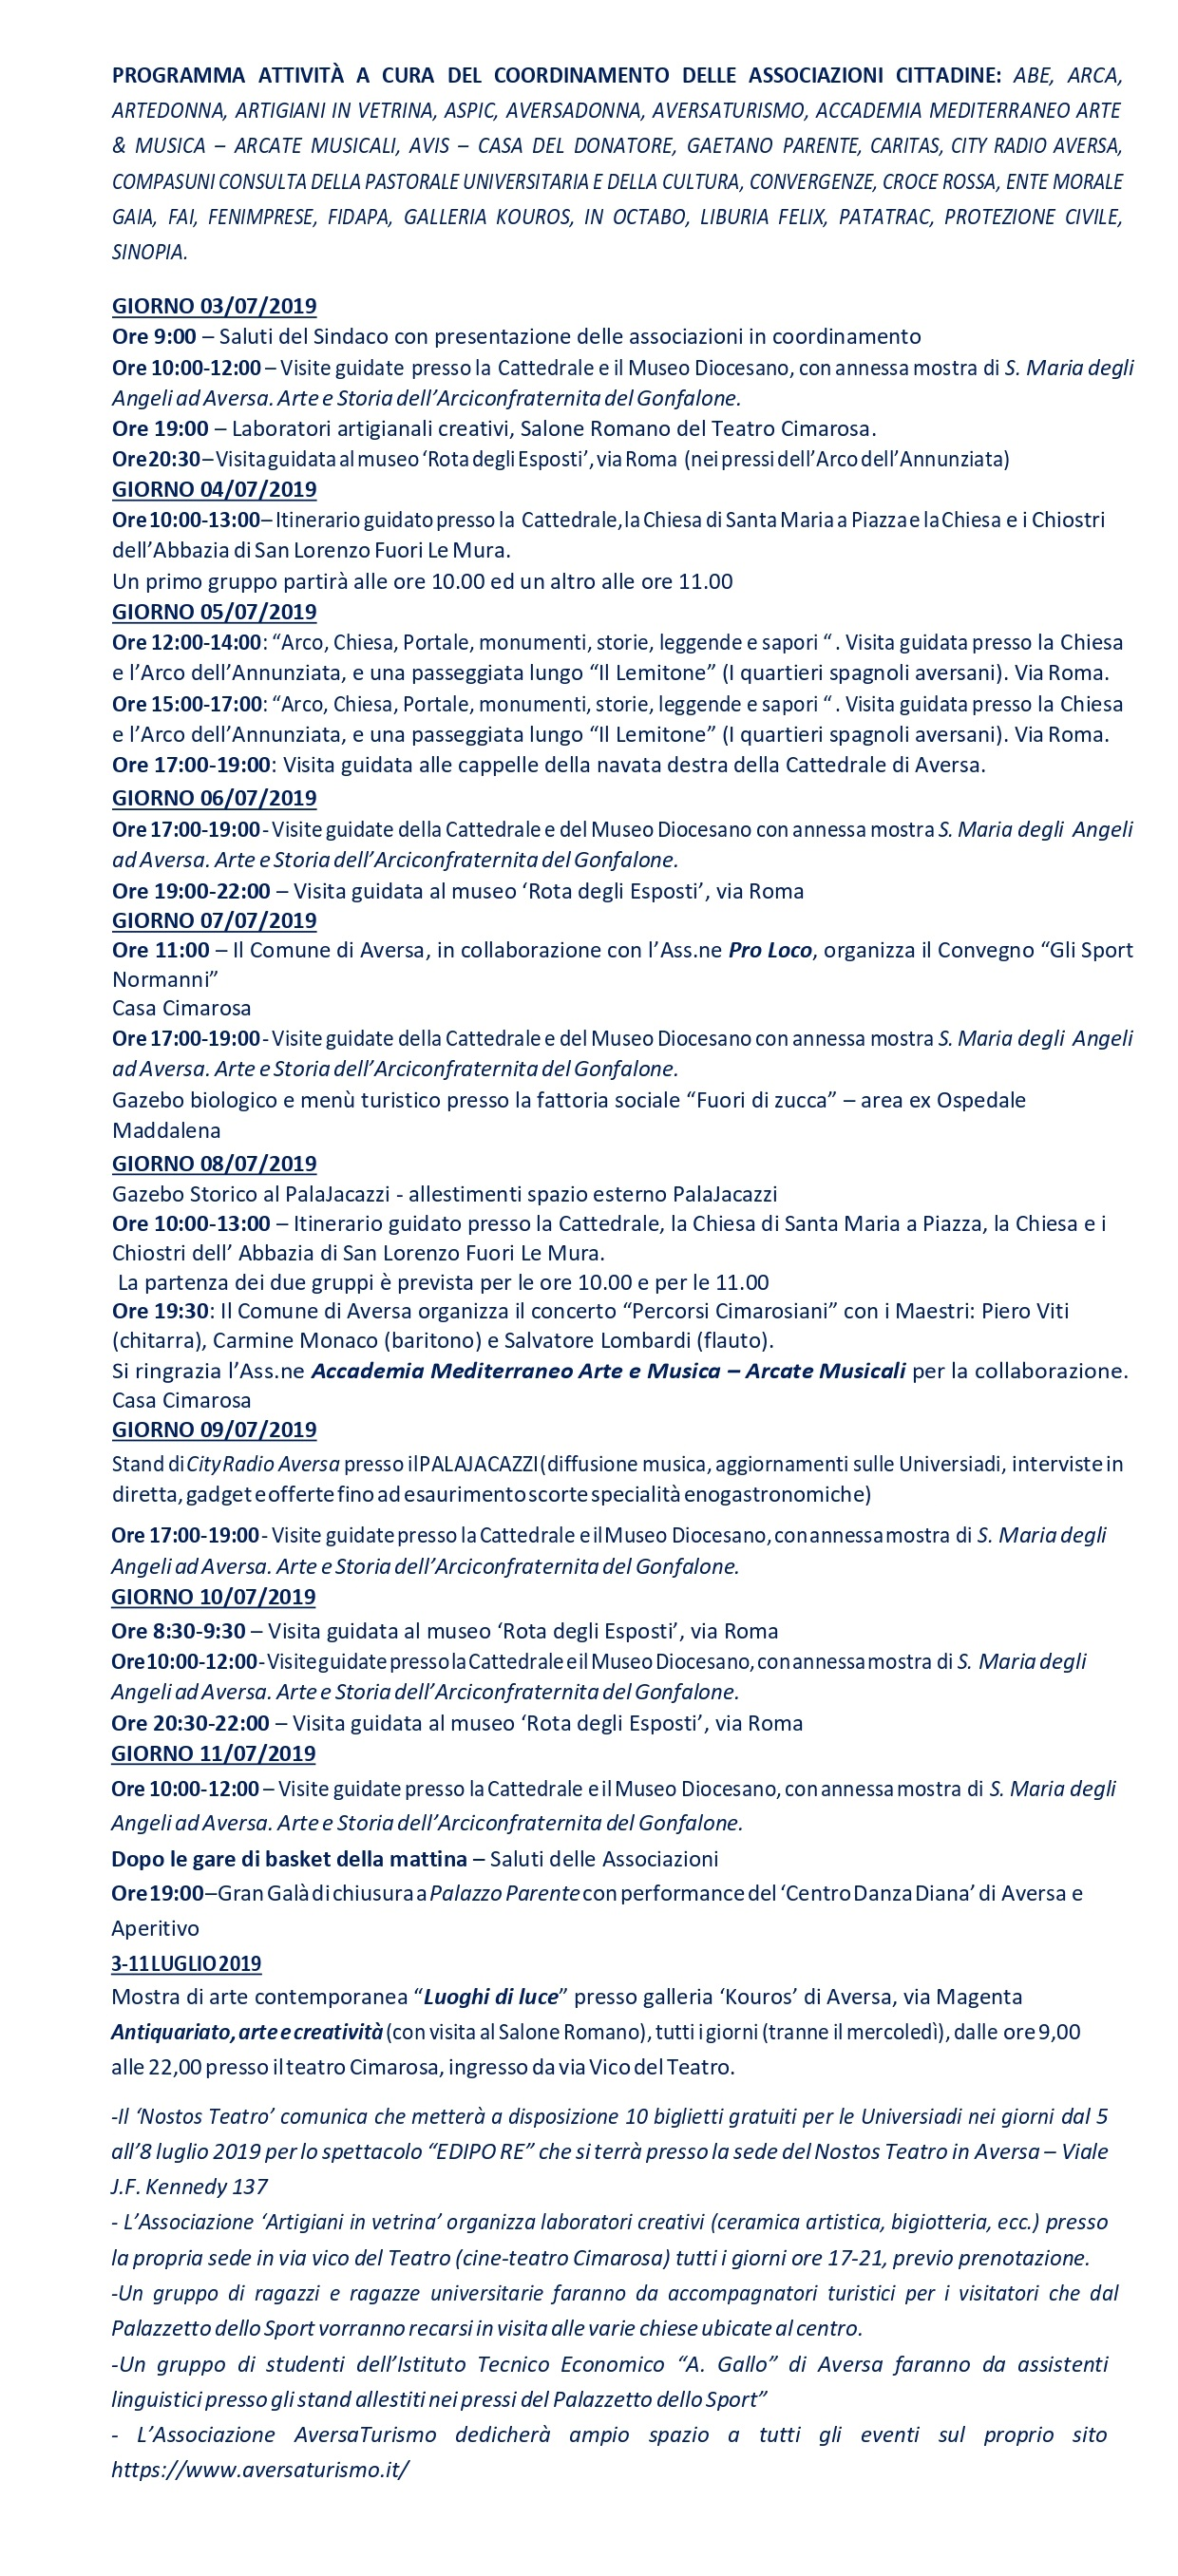 Calendario Universiadi.Aversa Universiadi Il Programma Degli Eventi Collaterali